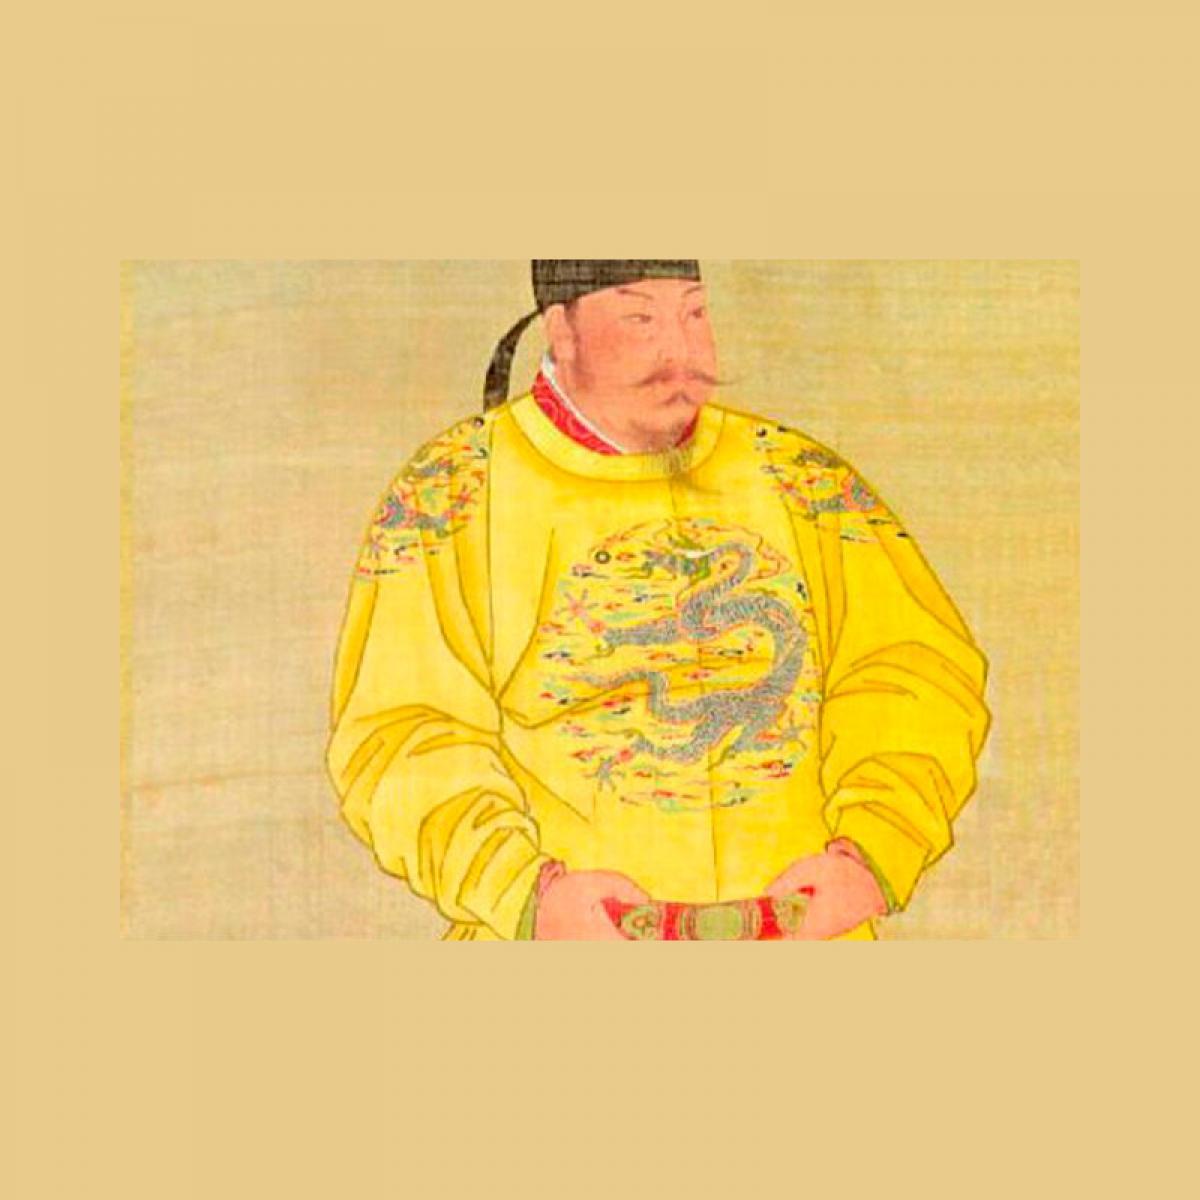 Imagens: 5 dicas de administração do maior imperador chinês